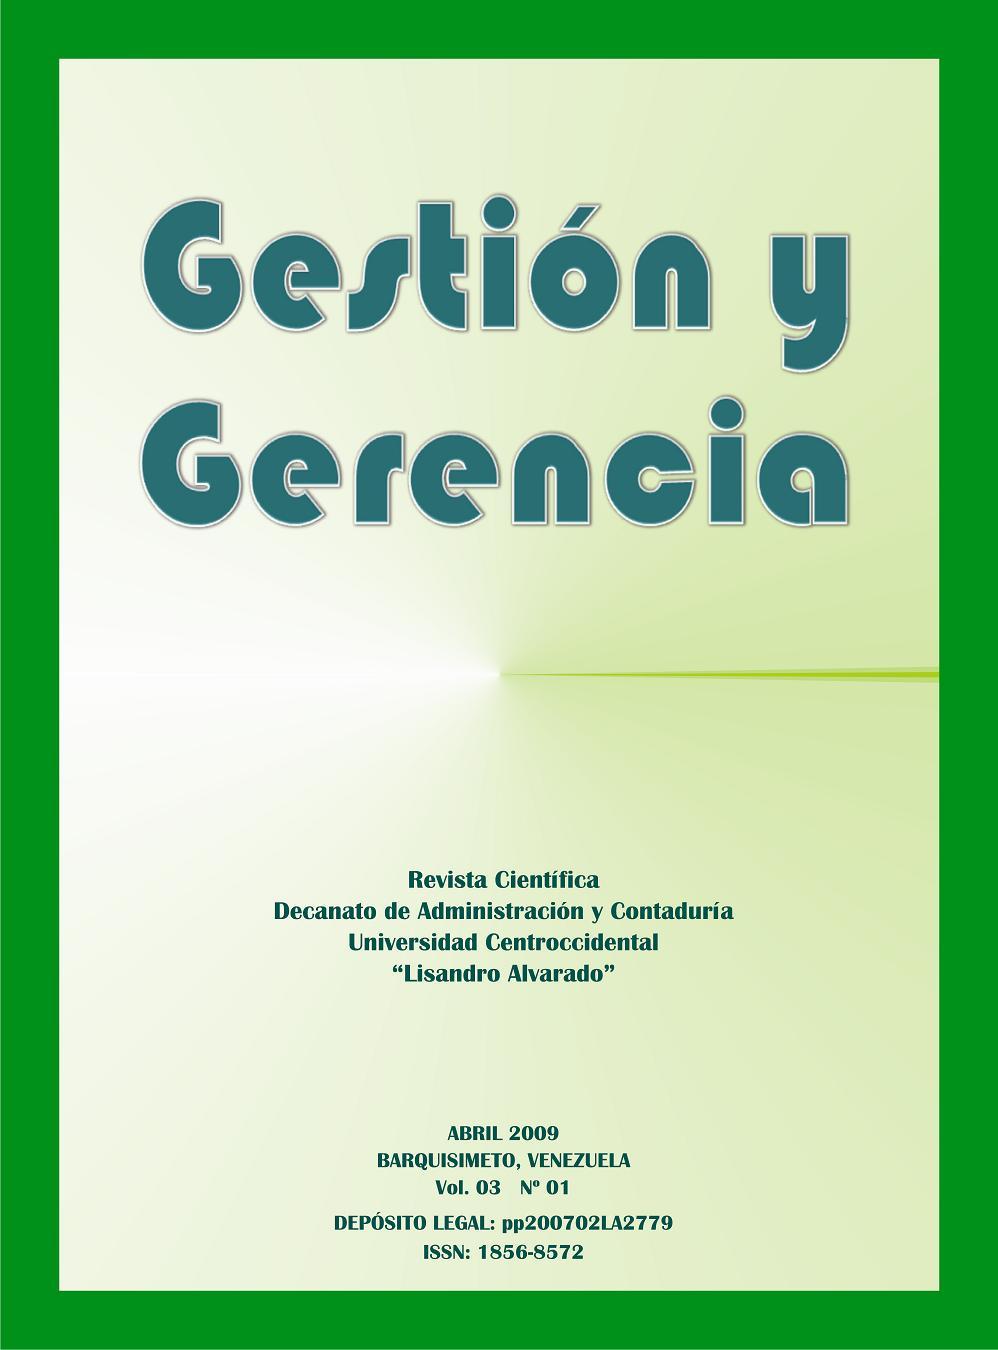 Descripción: Descripción: http://www.ucla.edu.ve/DAC/investigacion/gyg/GyG%202009/Abril%202009/Portada-Abr-2009.jpg